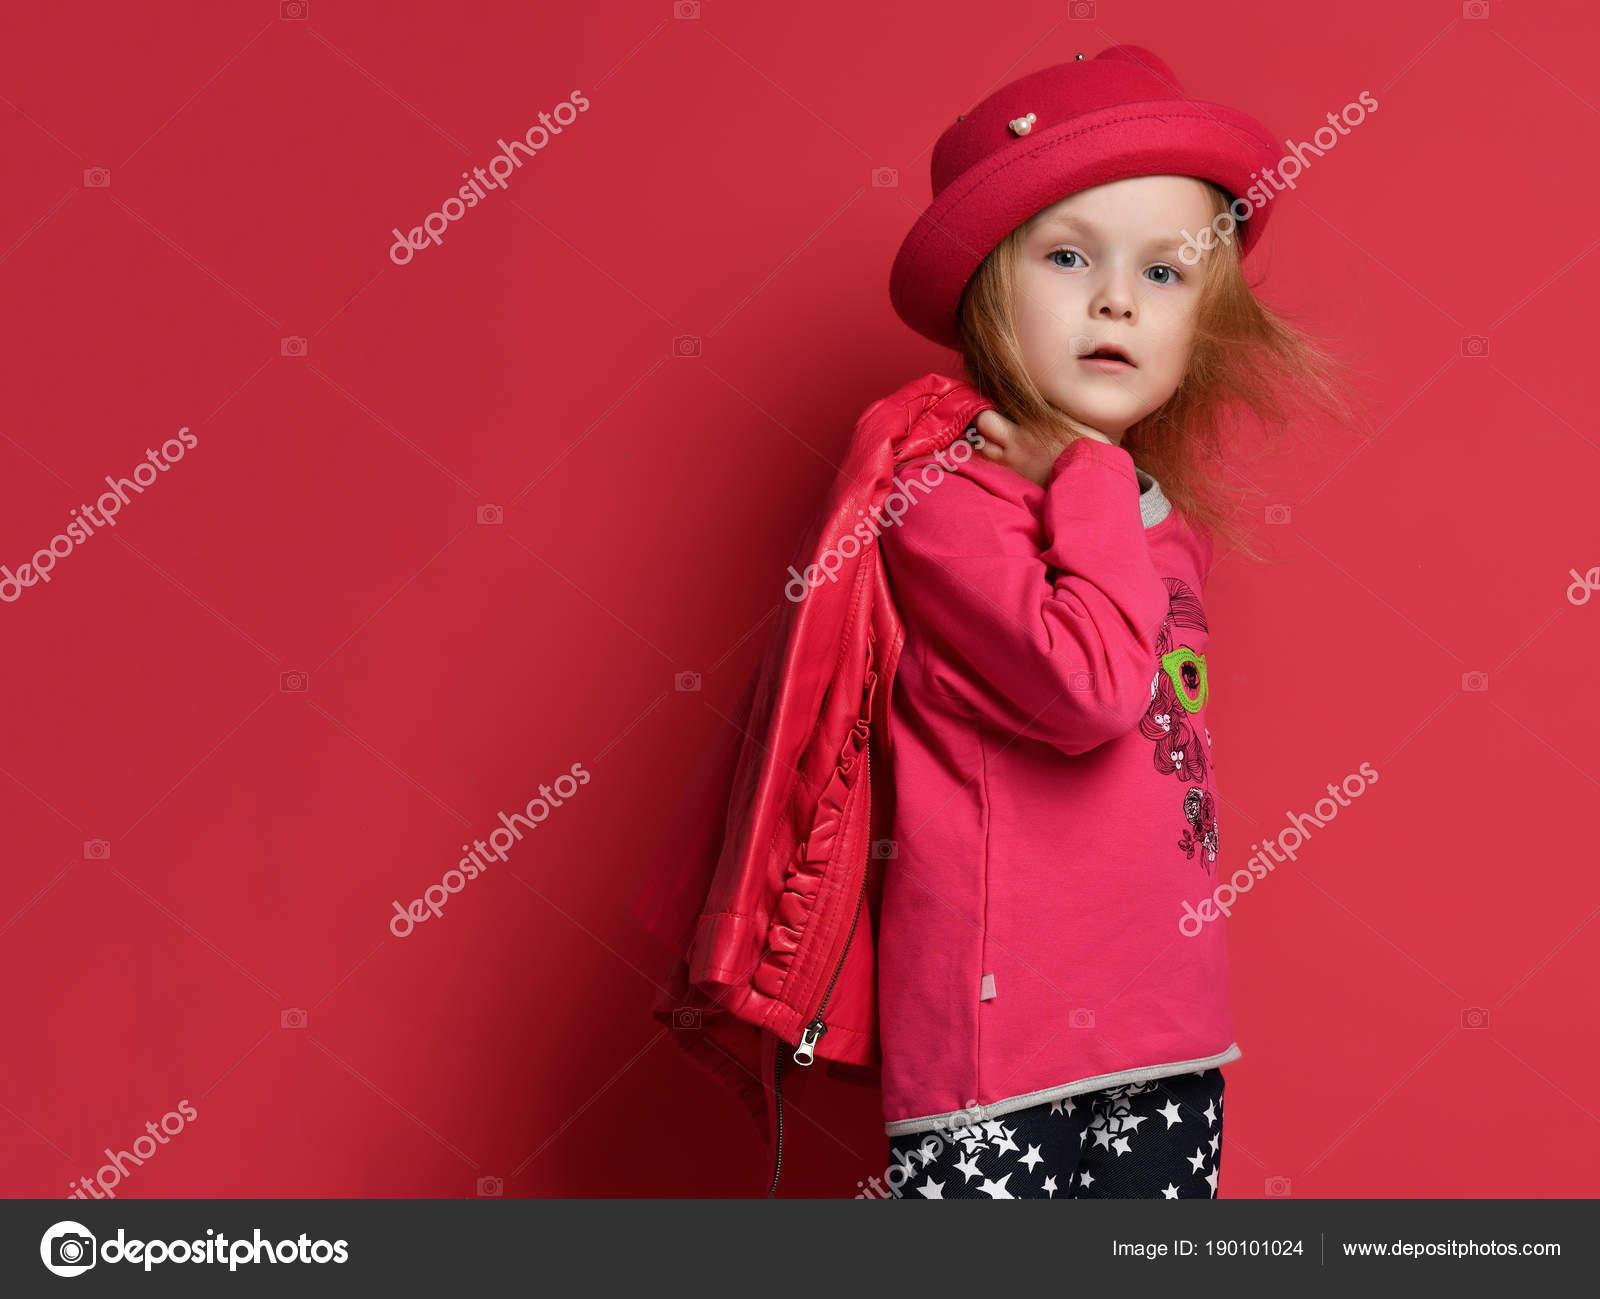 3acfd79943f Πέντε χρονών κορίτσι μωρό παιδί παιδί θέτοντας σε κόκκινο δερμάτινο μπουφάν  και καπέλο ουρλιάζοντας φωνάζοντας σε κόκκινο φόντο — Εικόνα από ...